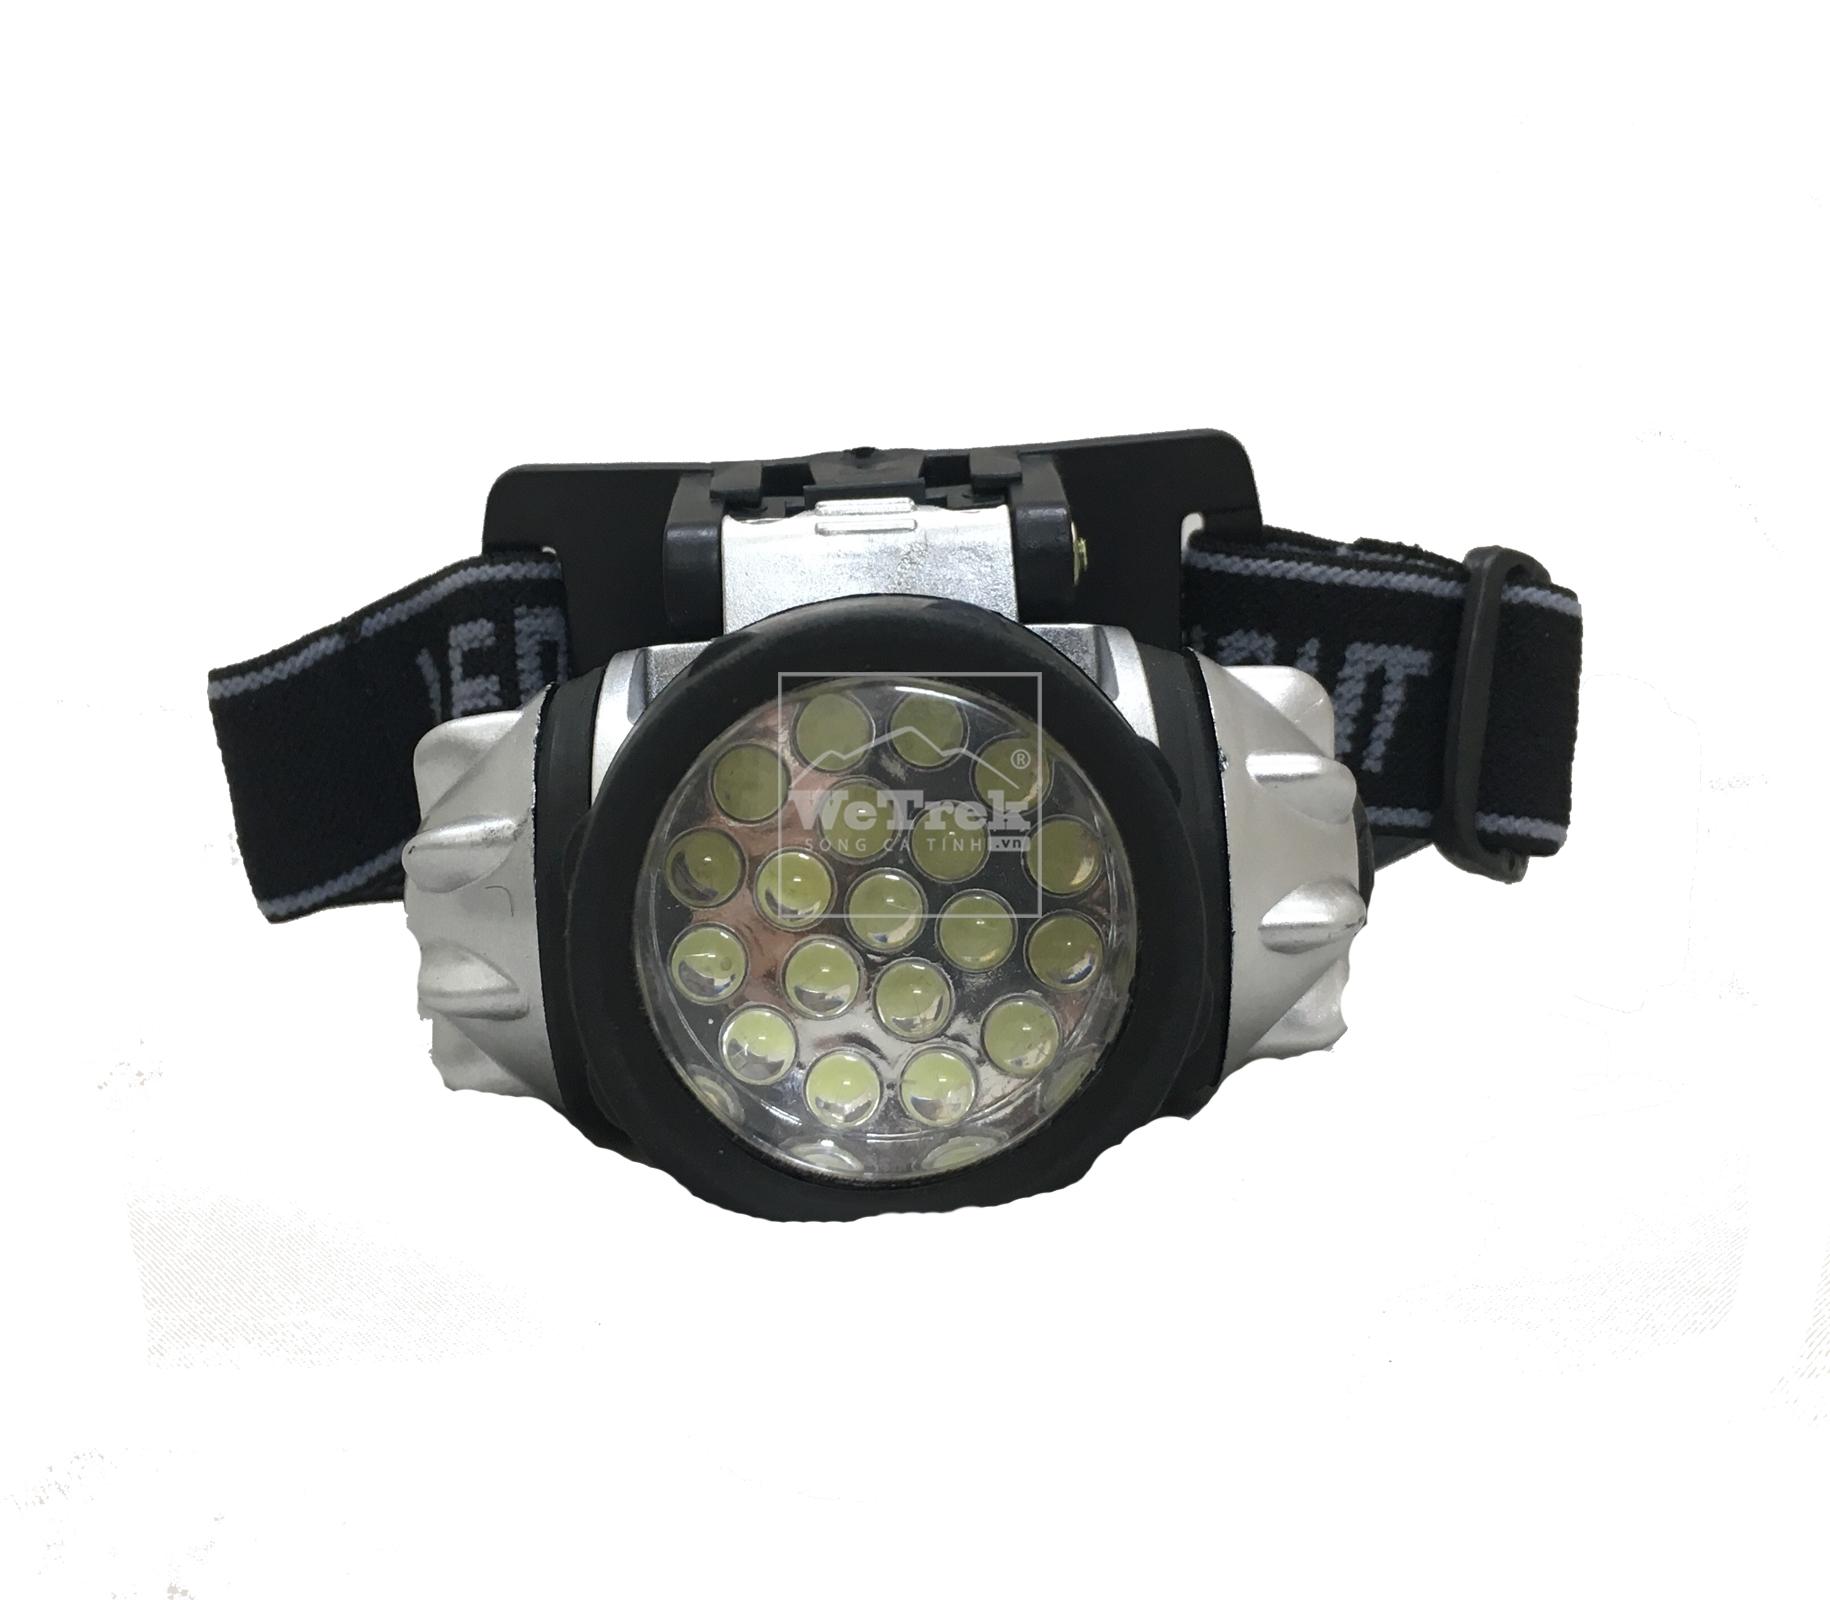 2-den-deo-tran-19-LED-AN-Head-Lamp-8865-wetrekvn.png